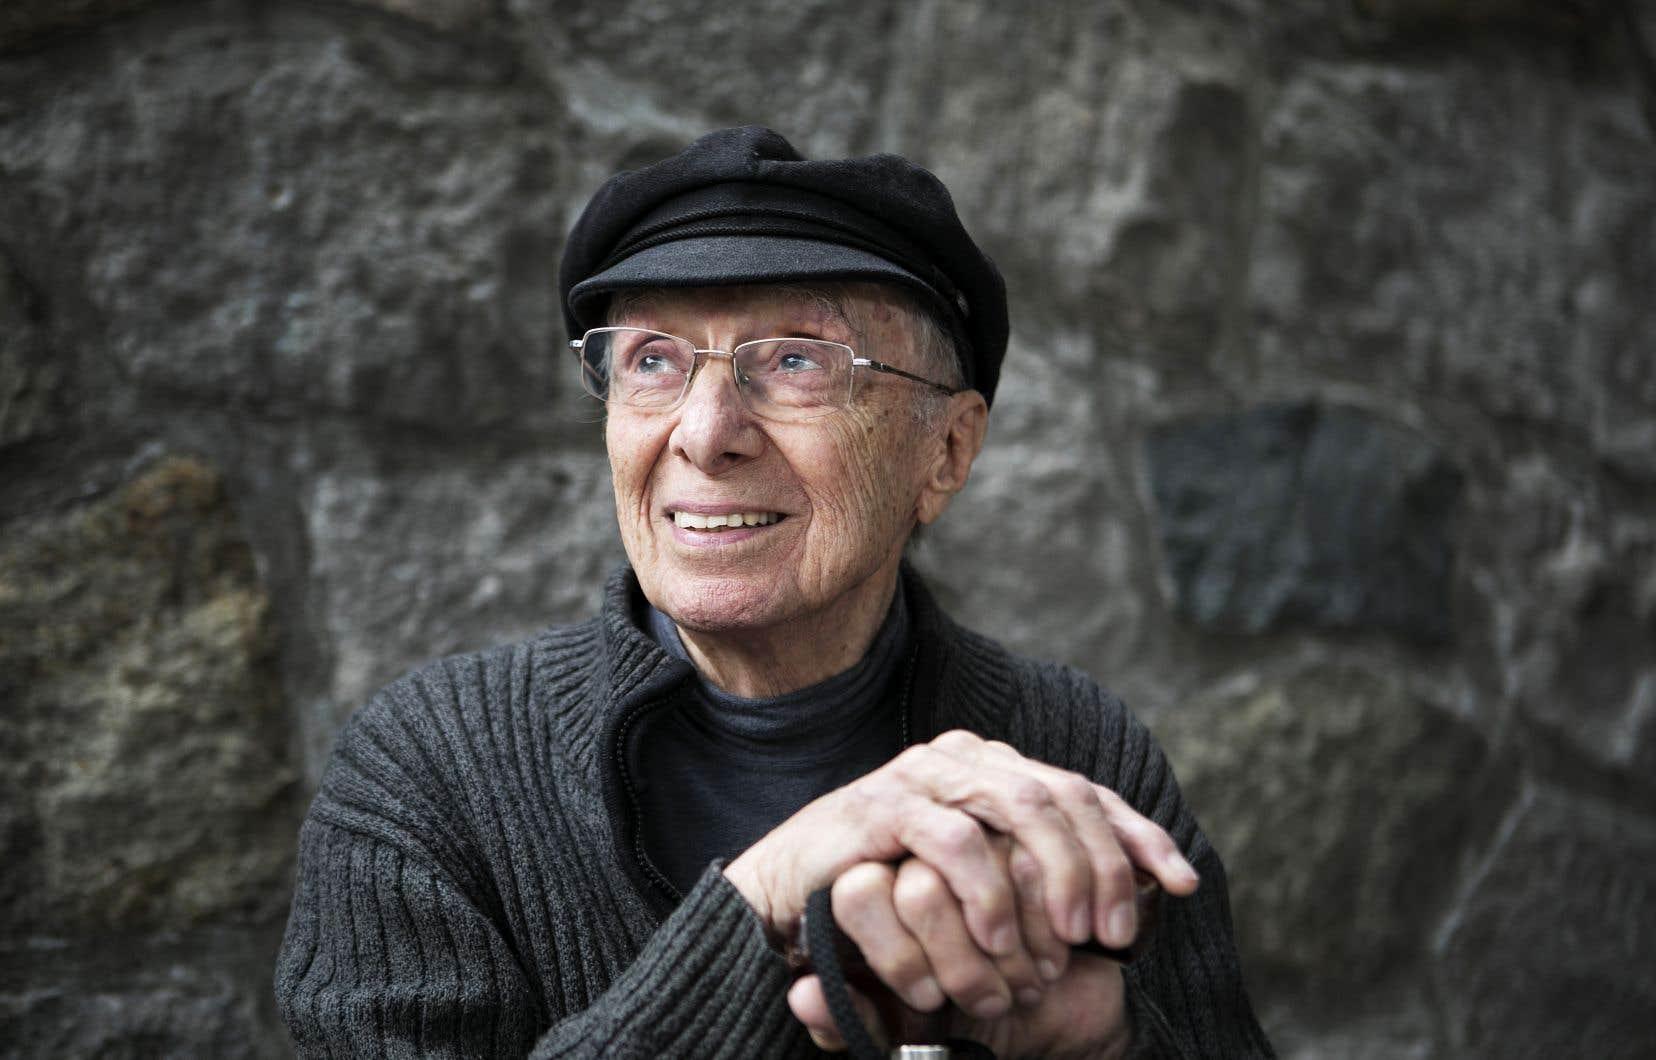 Aujourd'hui âgé de 91 ans, Fernand Dansereau a porté une grande variétés de chapeaux au cours de sa longue carrière, ayant été tour à tour producteur à l'ONF au début du cinéma direct, scénariste, cinéaste de fiction et documentariste.